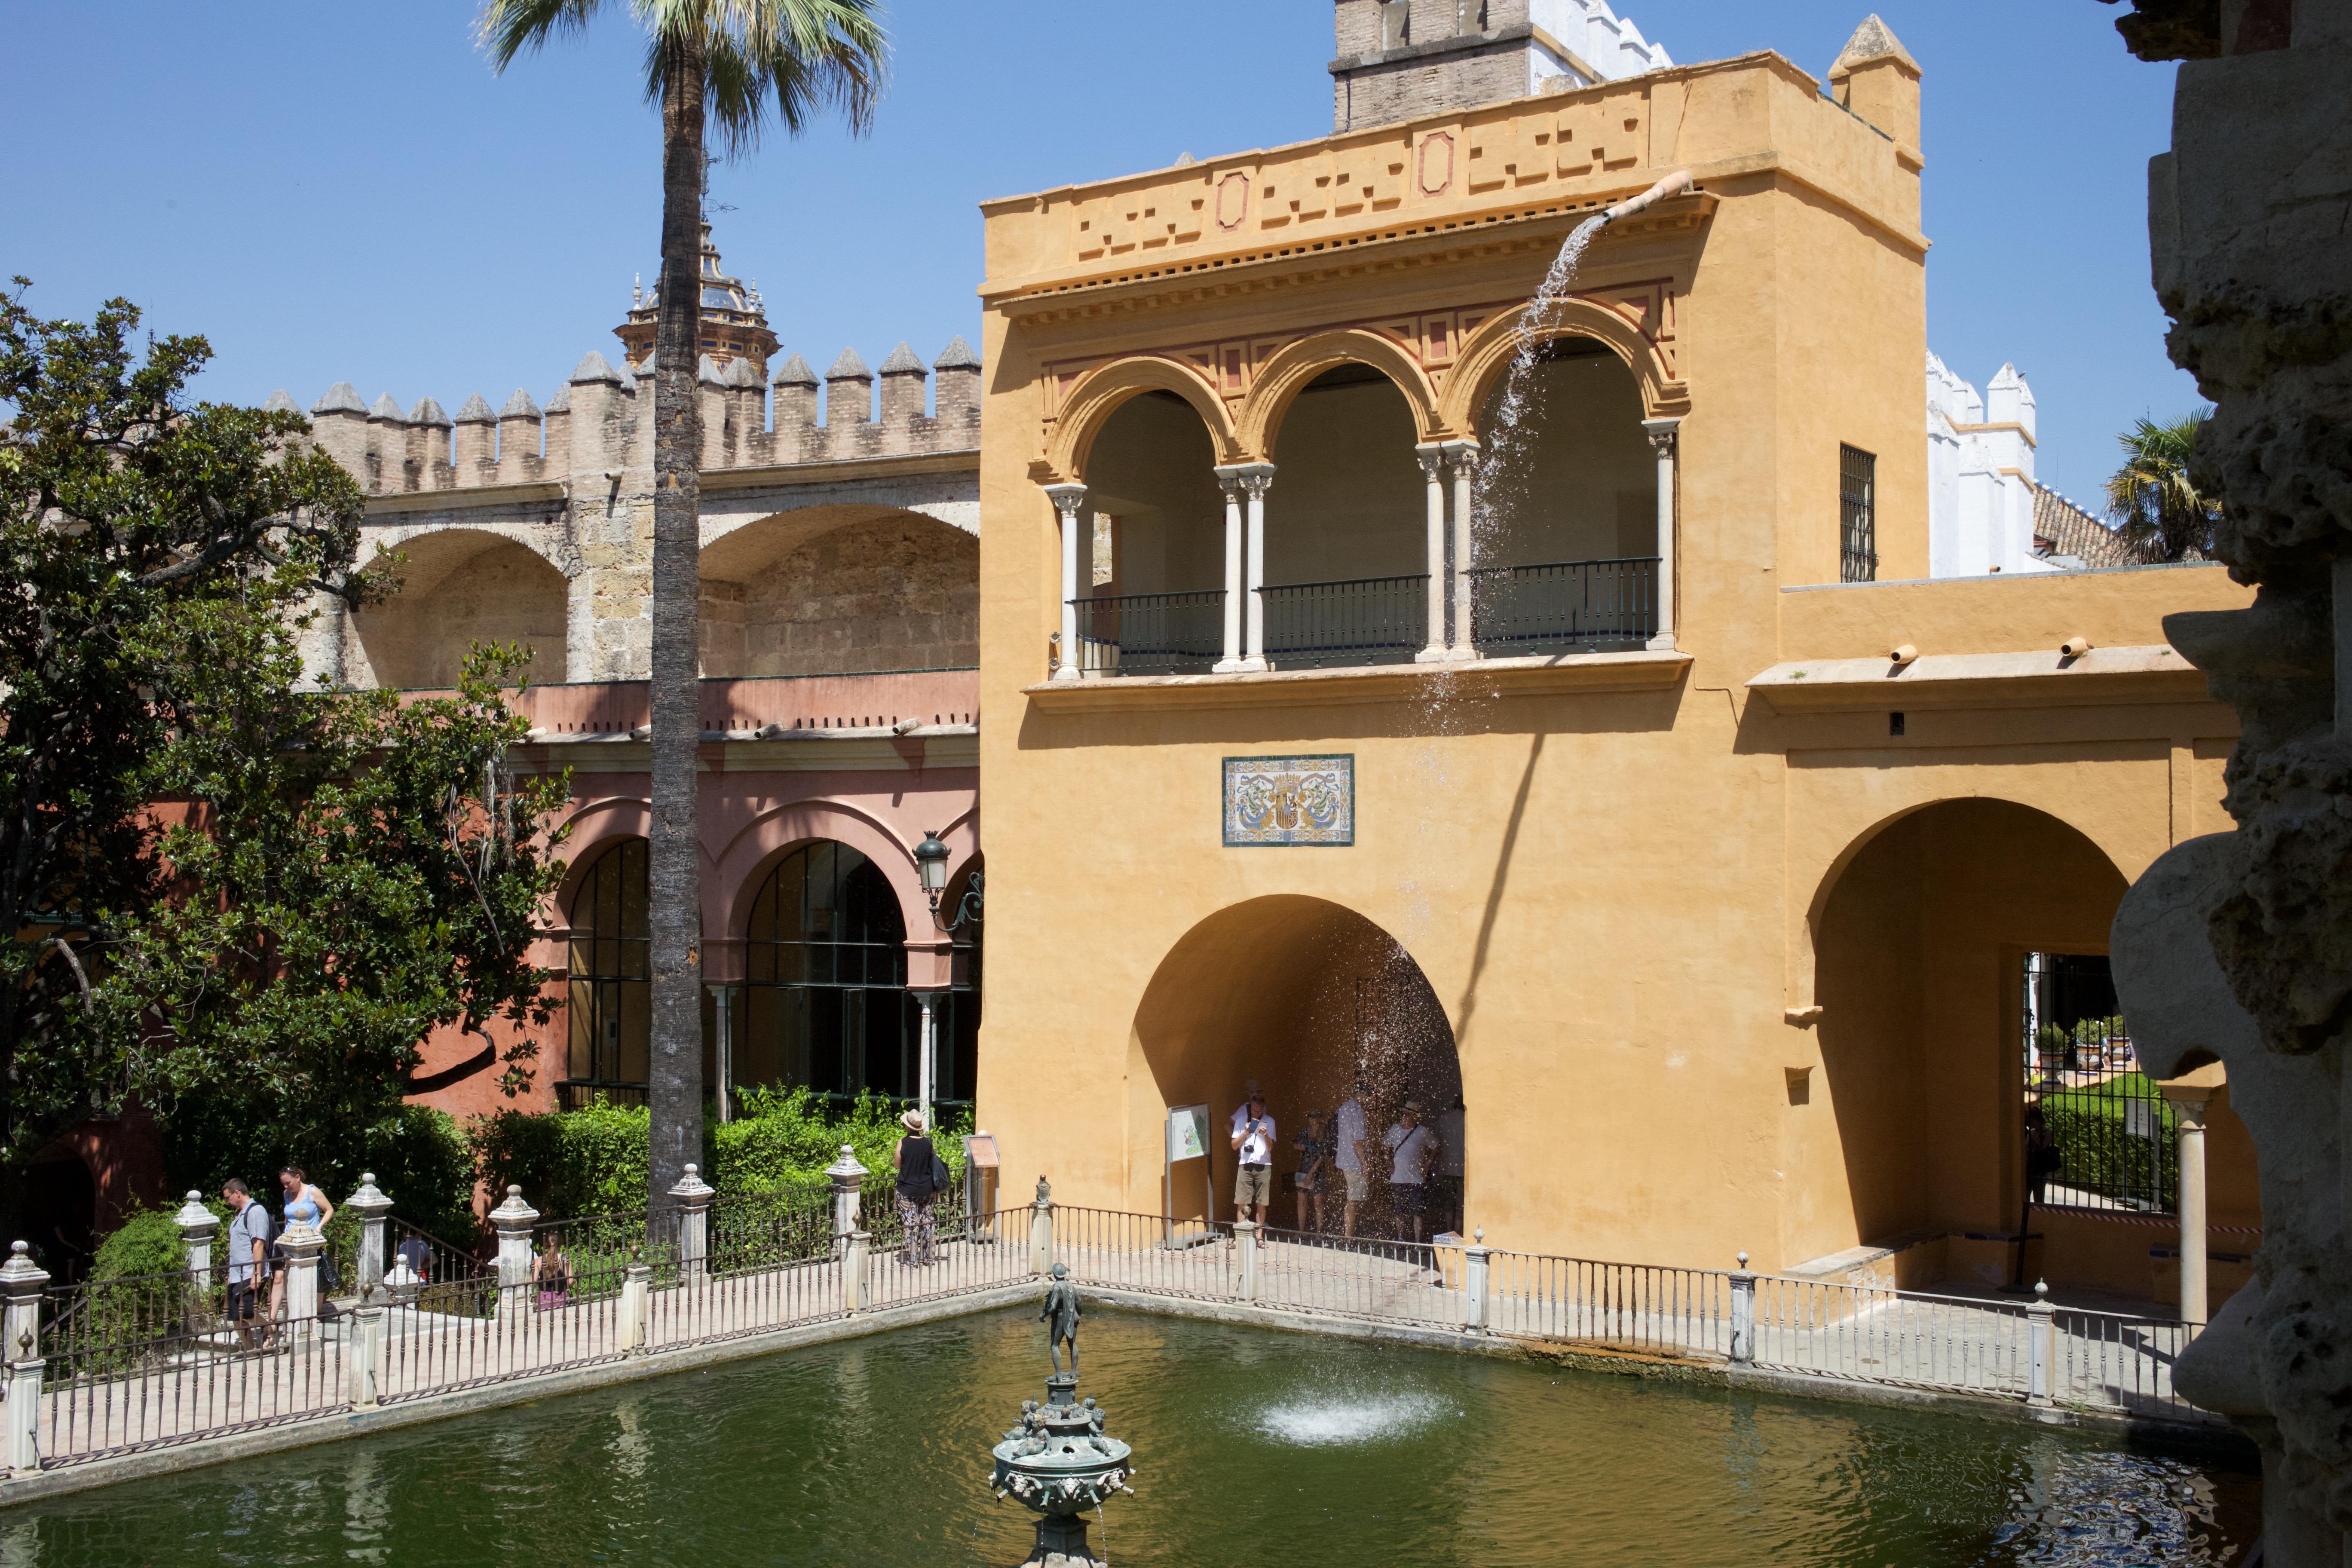 Tipps-Kurztrip-Sevilla-Handgepäck-Guide-Travel-Reiseblog-Reisen_8205